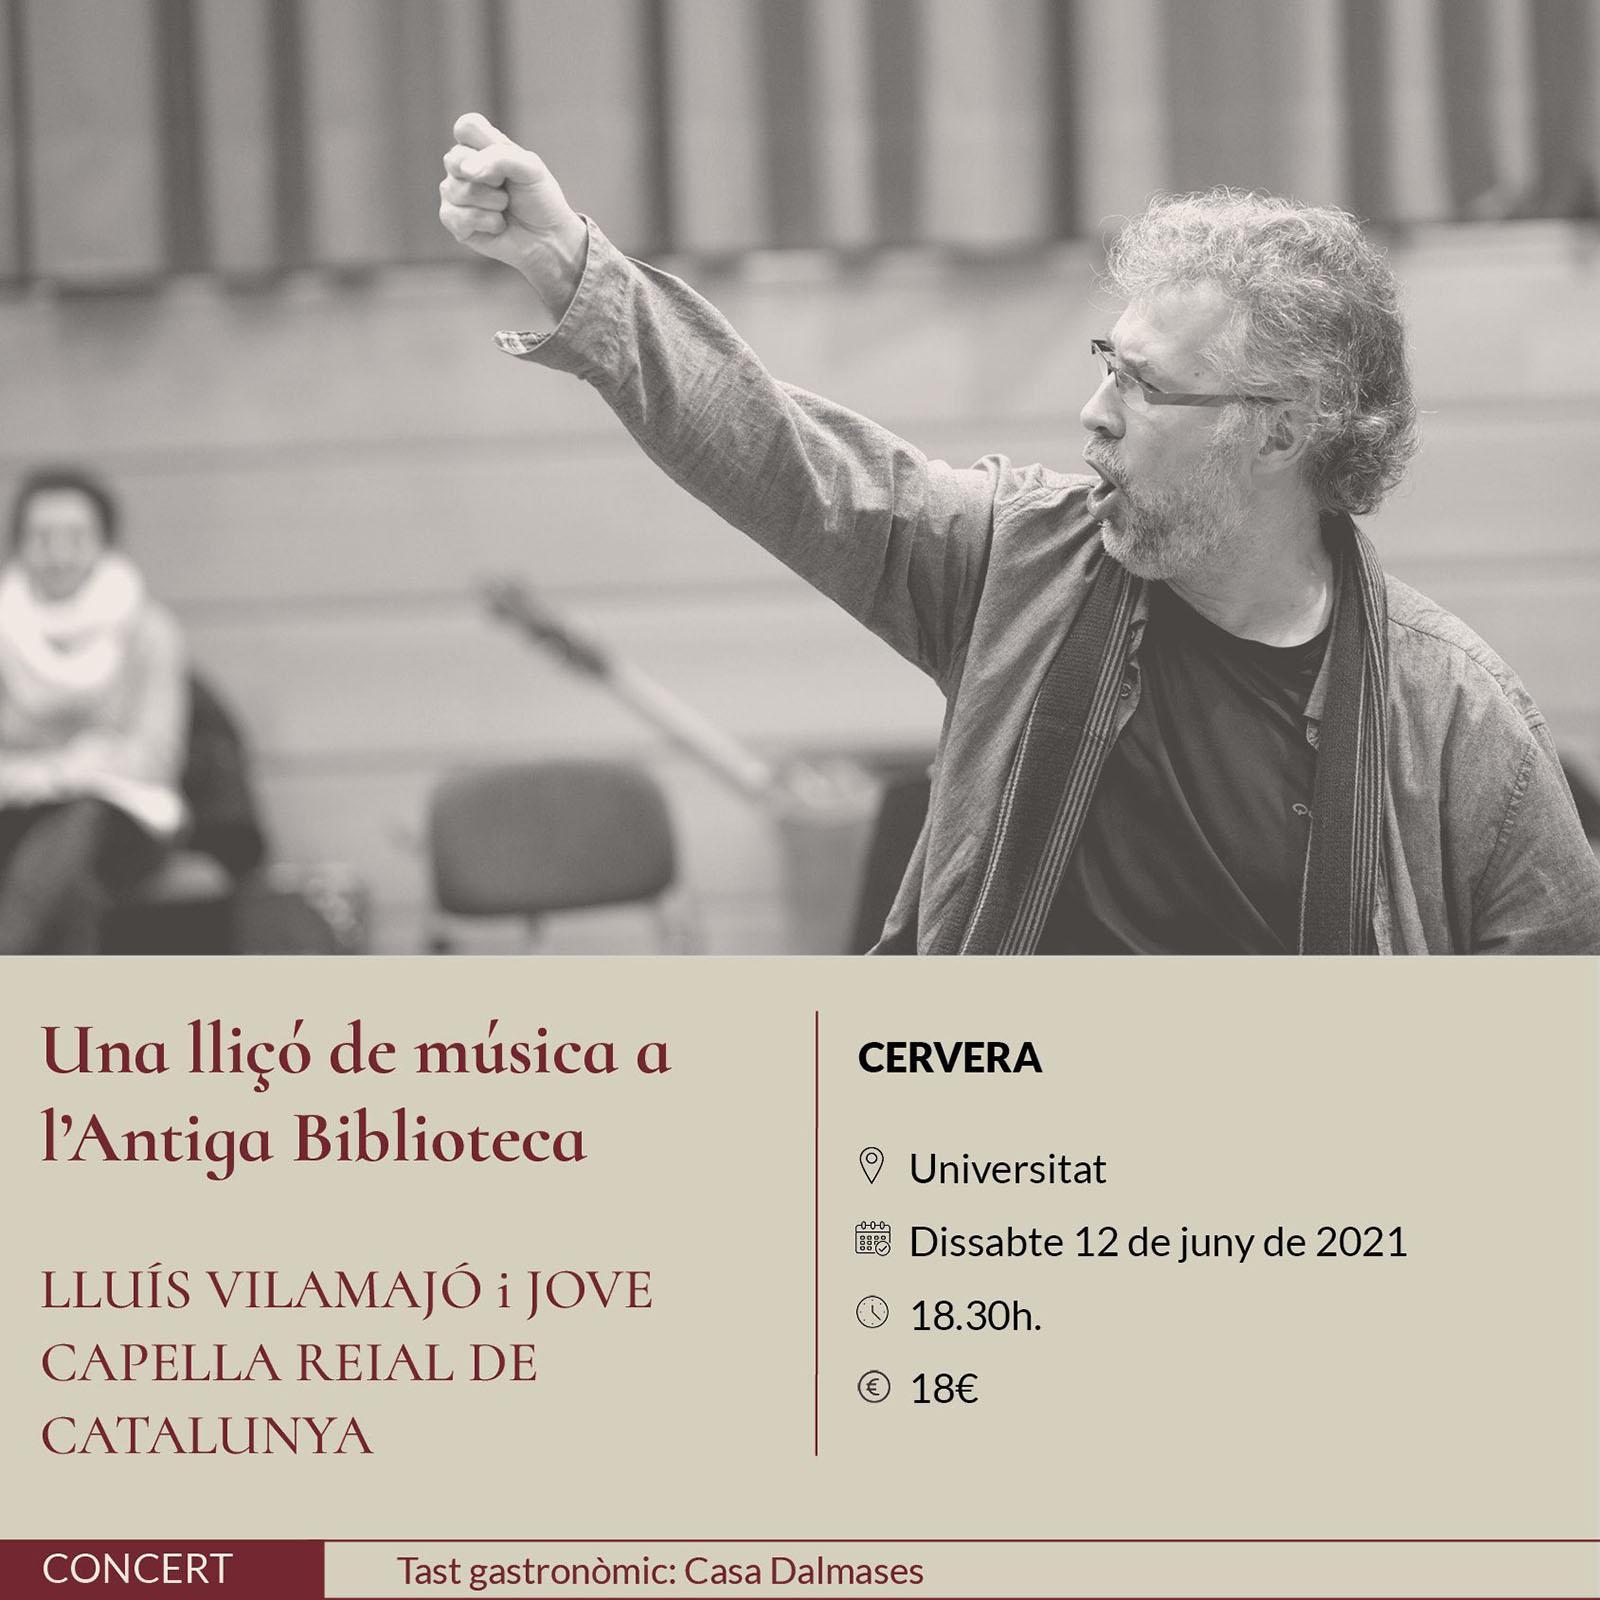 cartell Espurnes barroques concert 'Una lliçó de música a l'Antiga Biblioteca' a Cervera